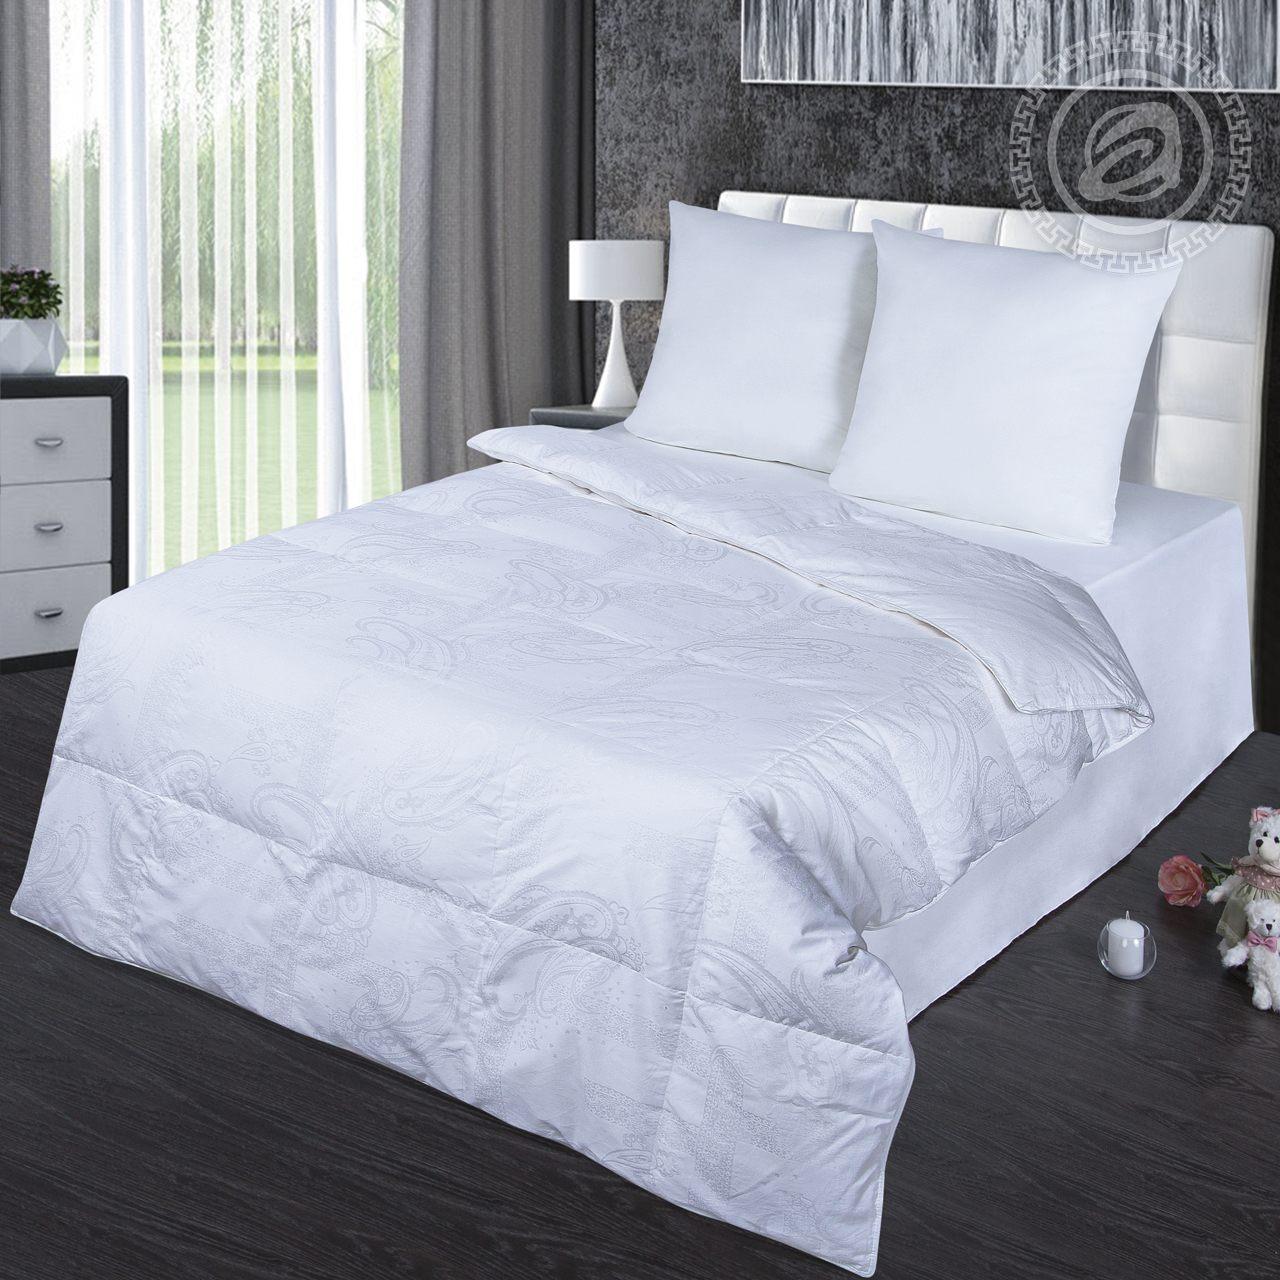 Пуховое одеяло купить москва от производителя